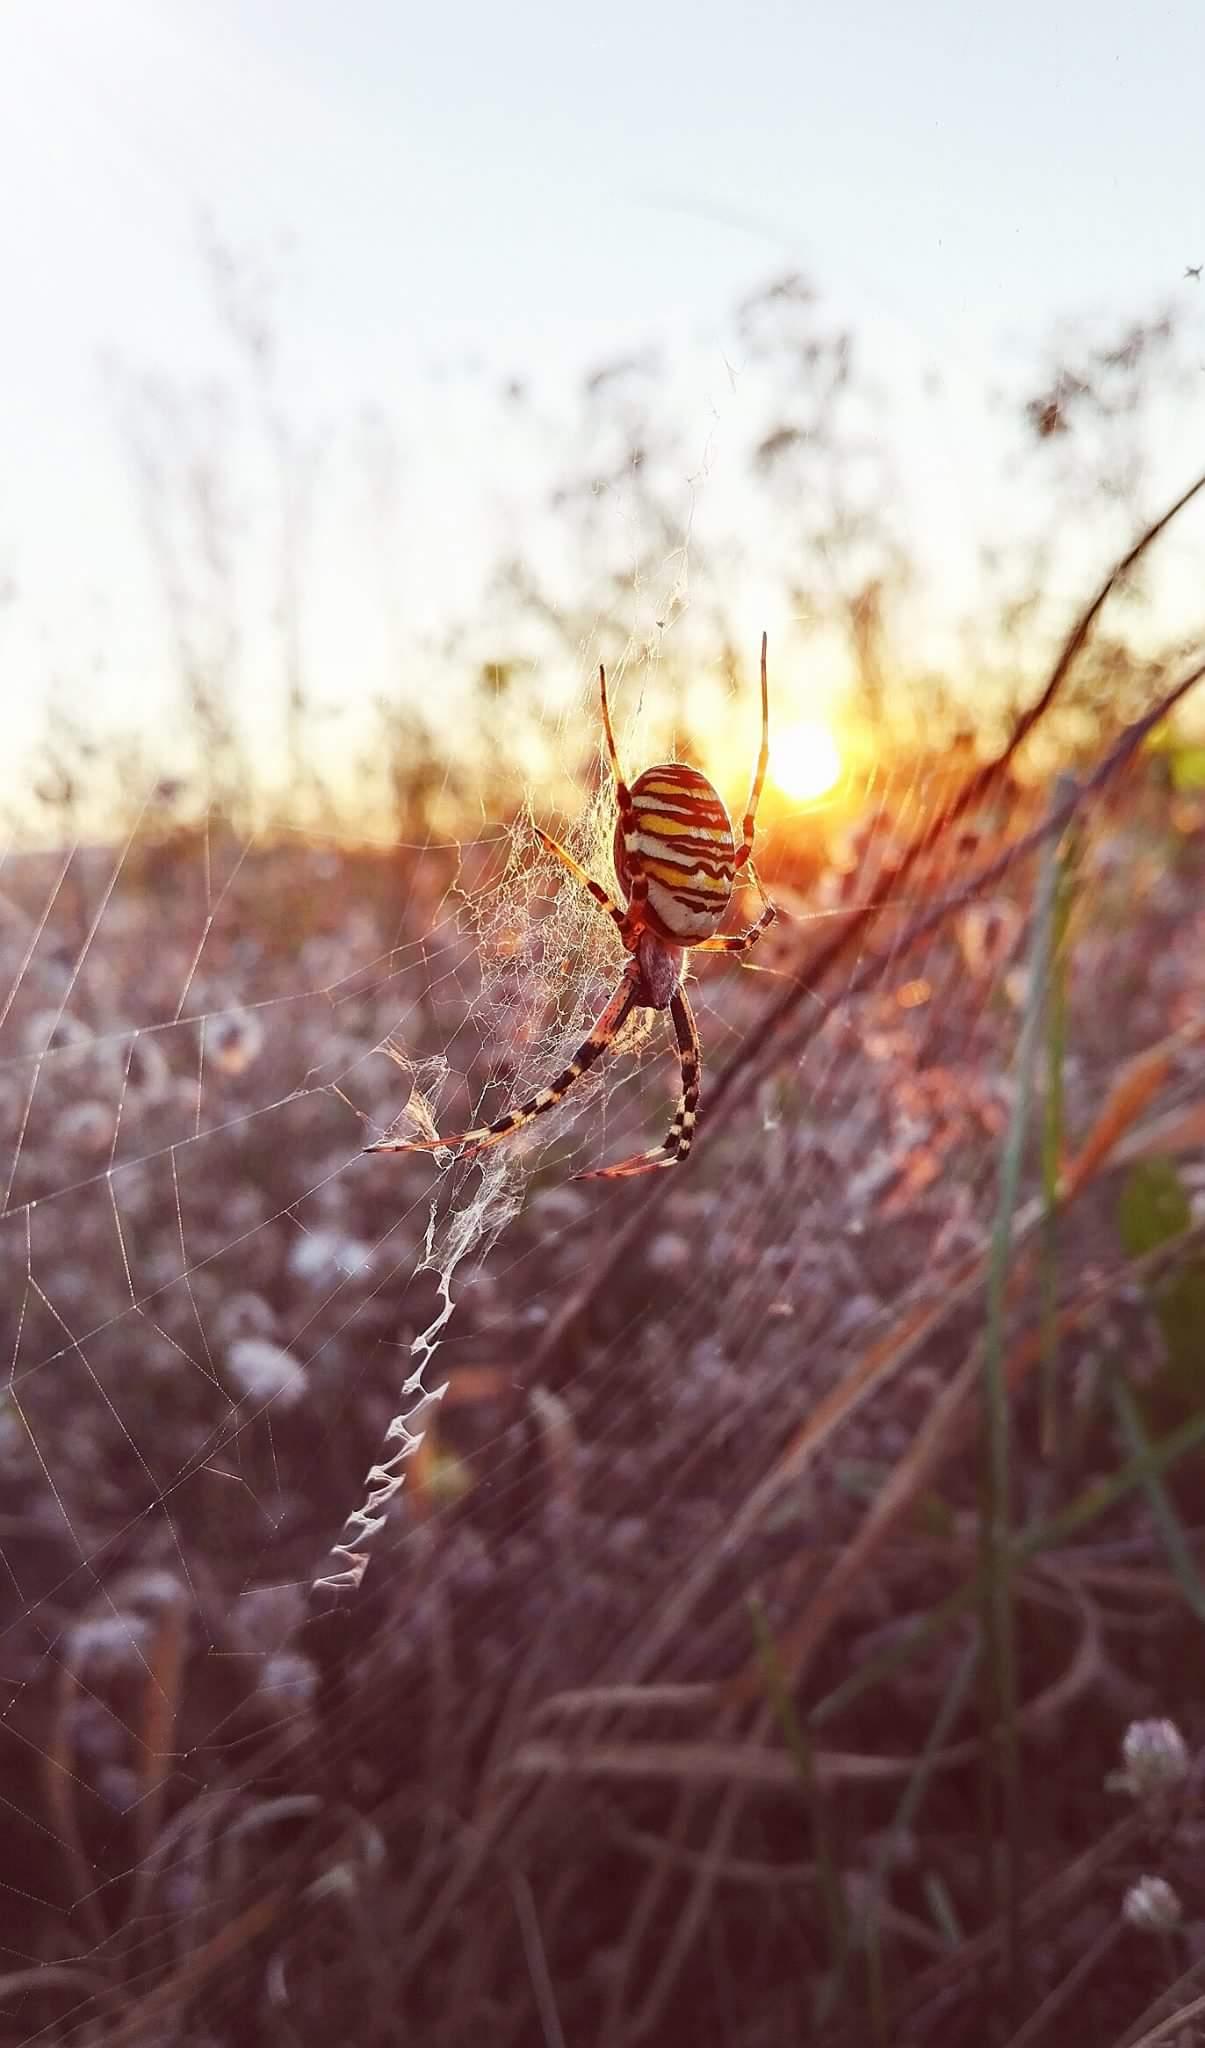 """Die Spinne und die """"heilige"""" Dunkelheit - der Weg zu Deinem inneren Licht."""